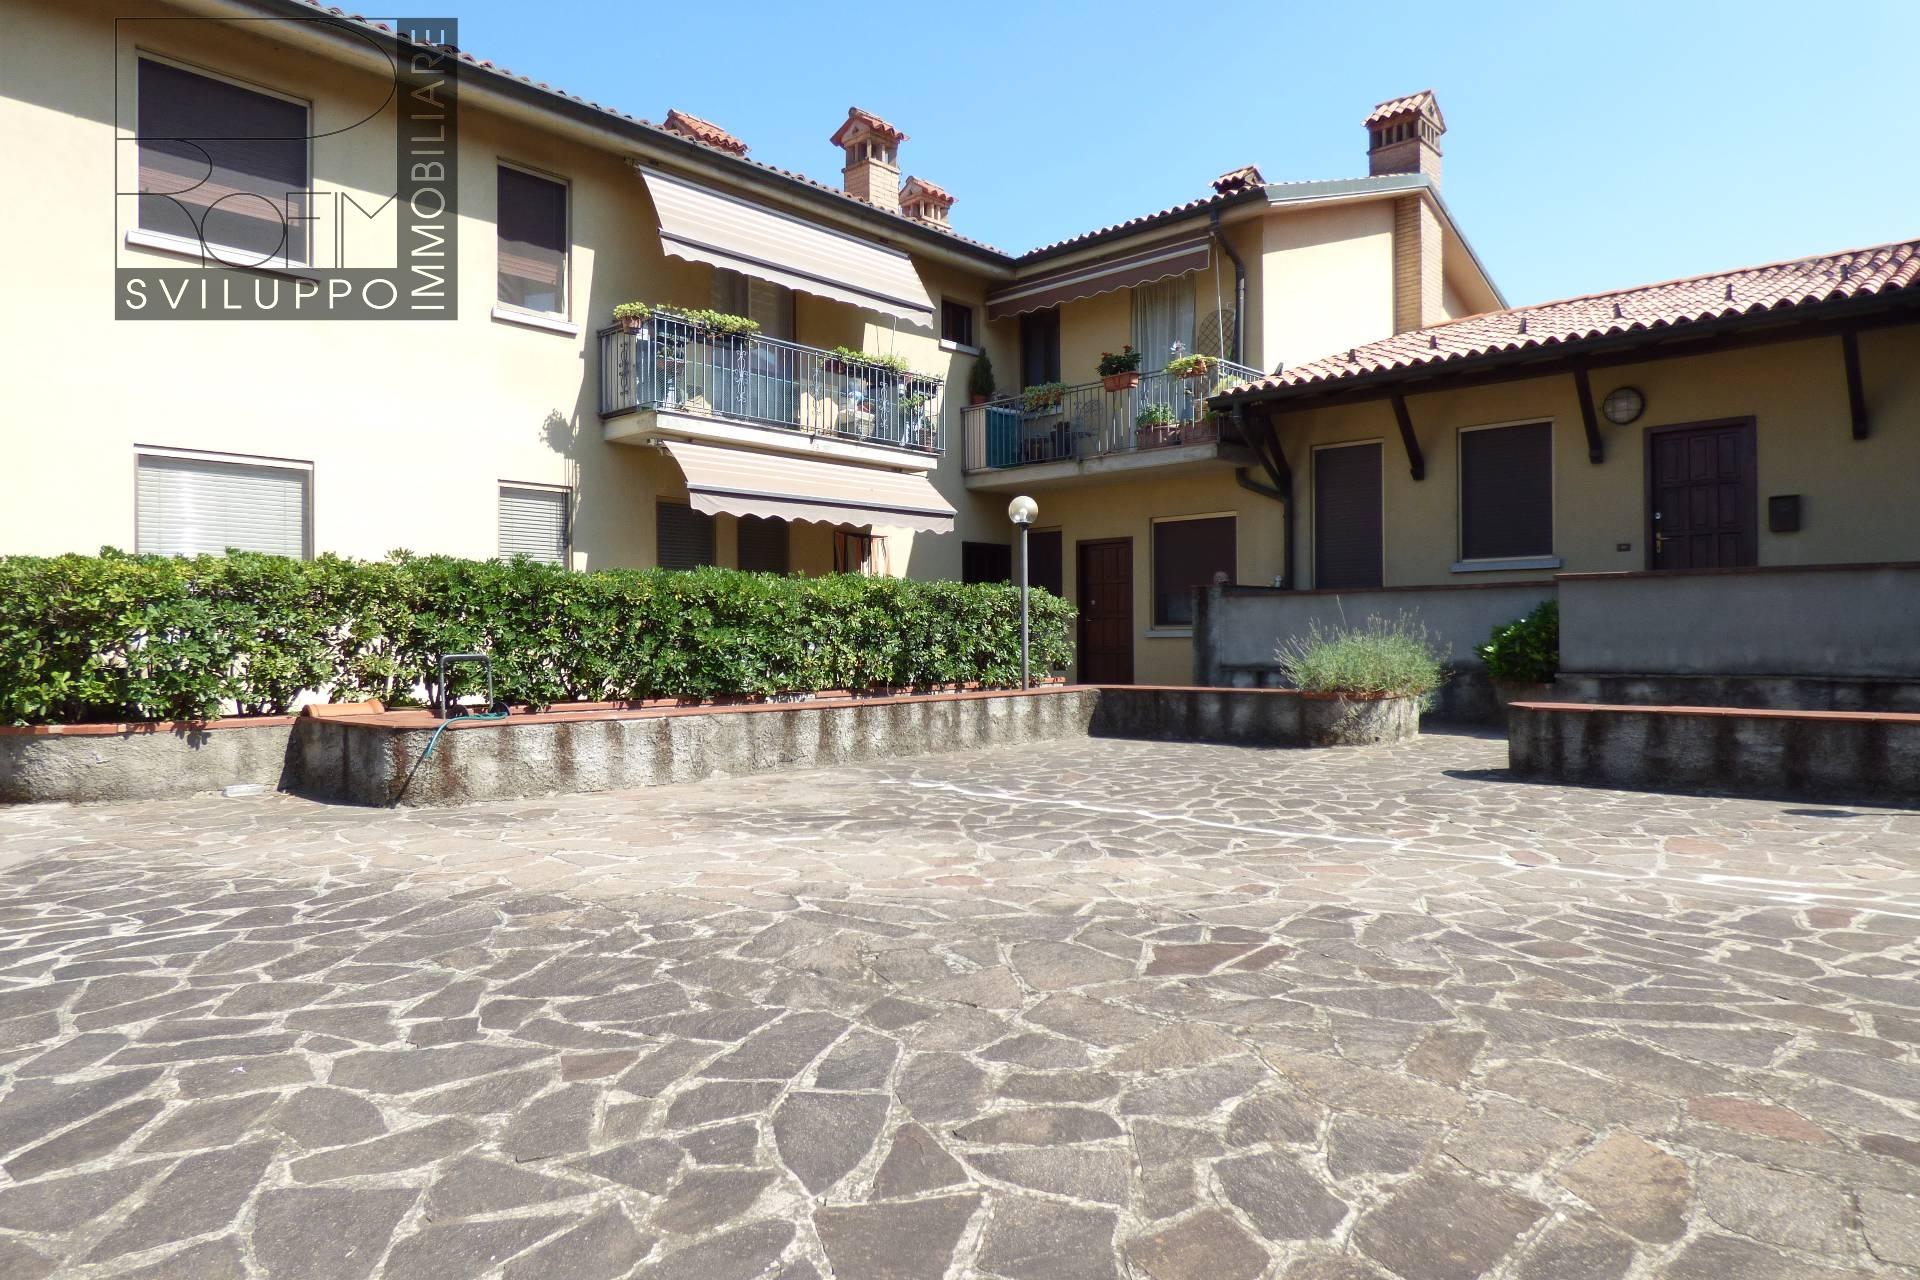 Appartamento in vendita a Dresano, 2 locali, prezzo € 118.000 | CambioCasa.it